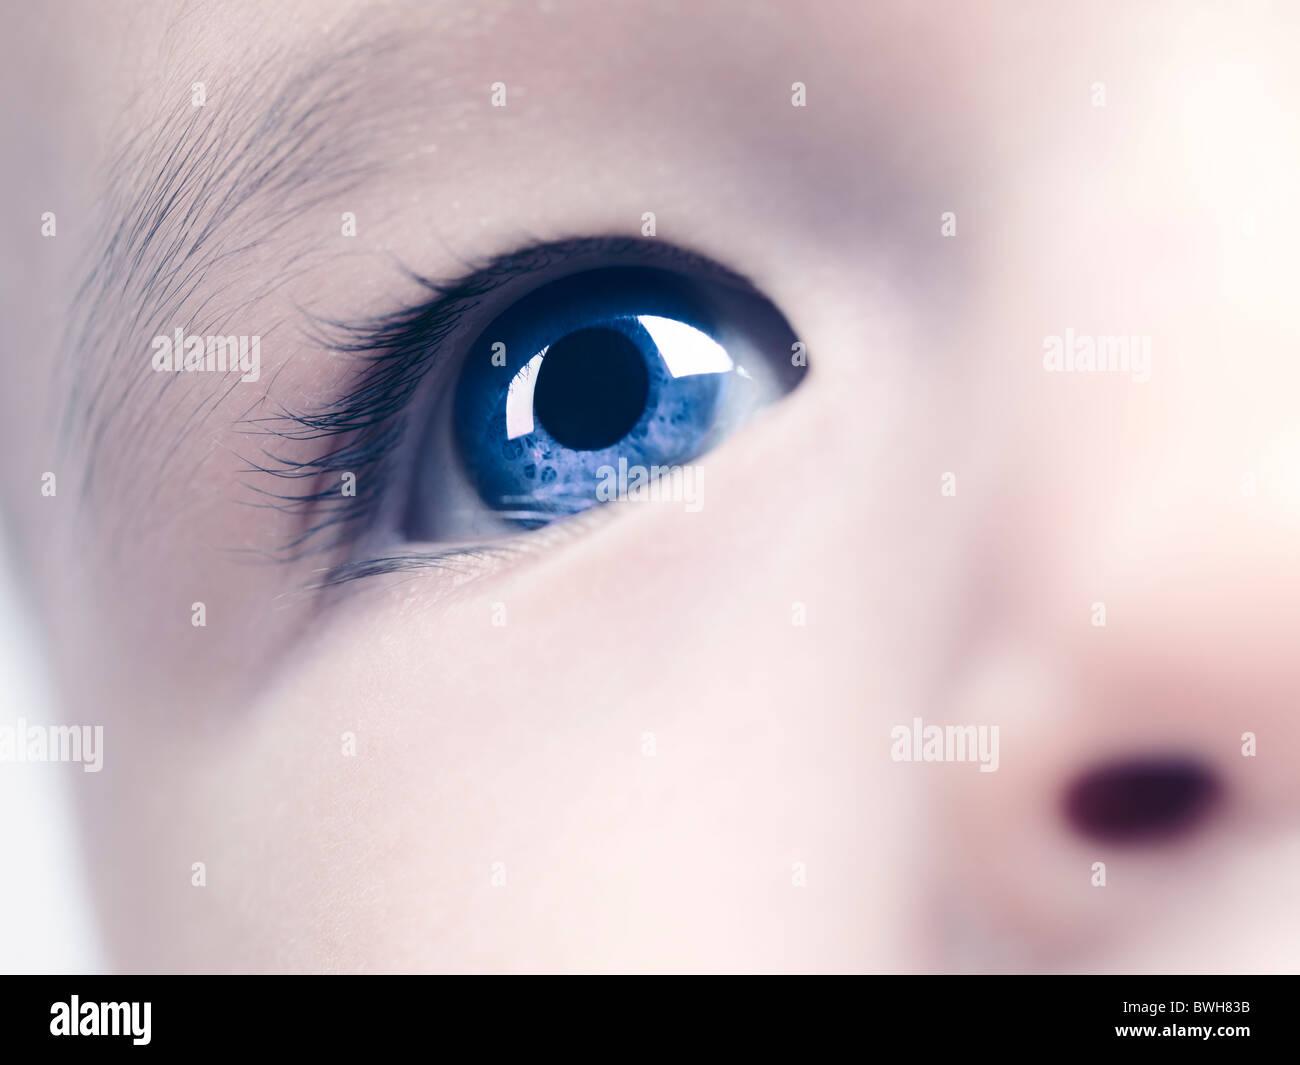 Libre d'un œil d'un bleu à l'âge de six mois, bébé garçon. Modifiées numériquement. Photo Stock